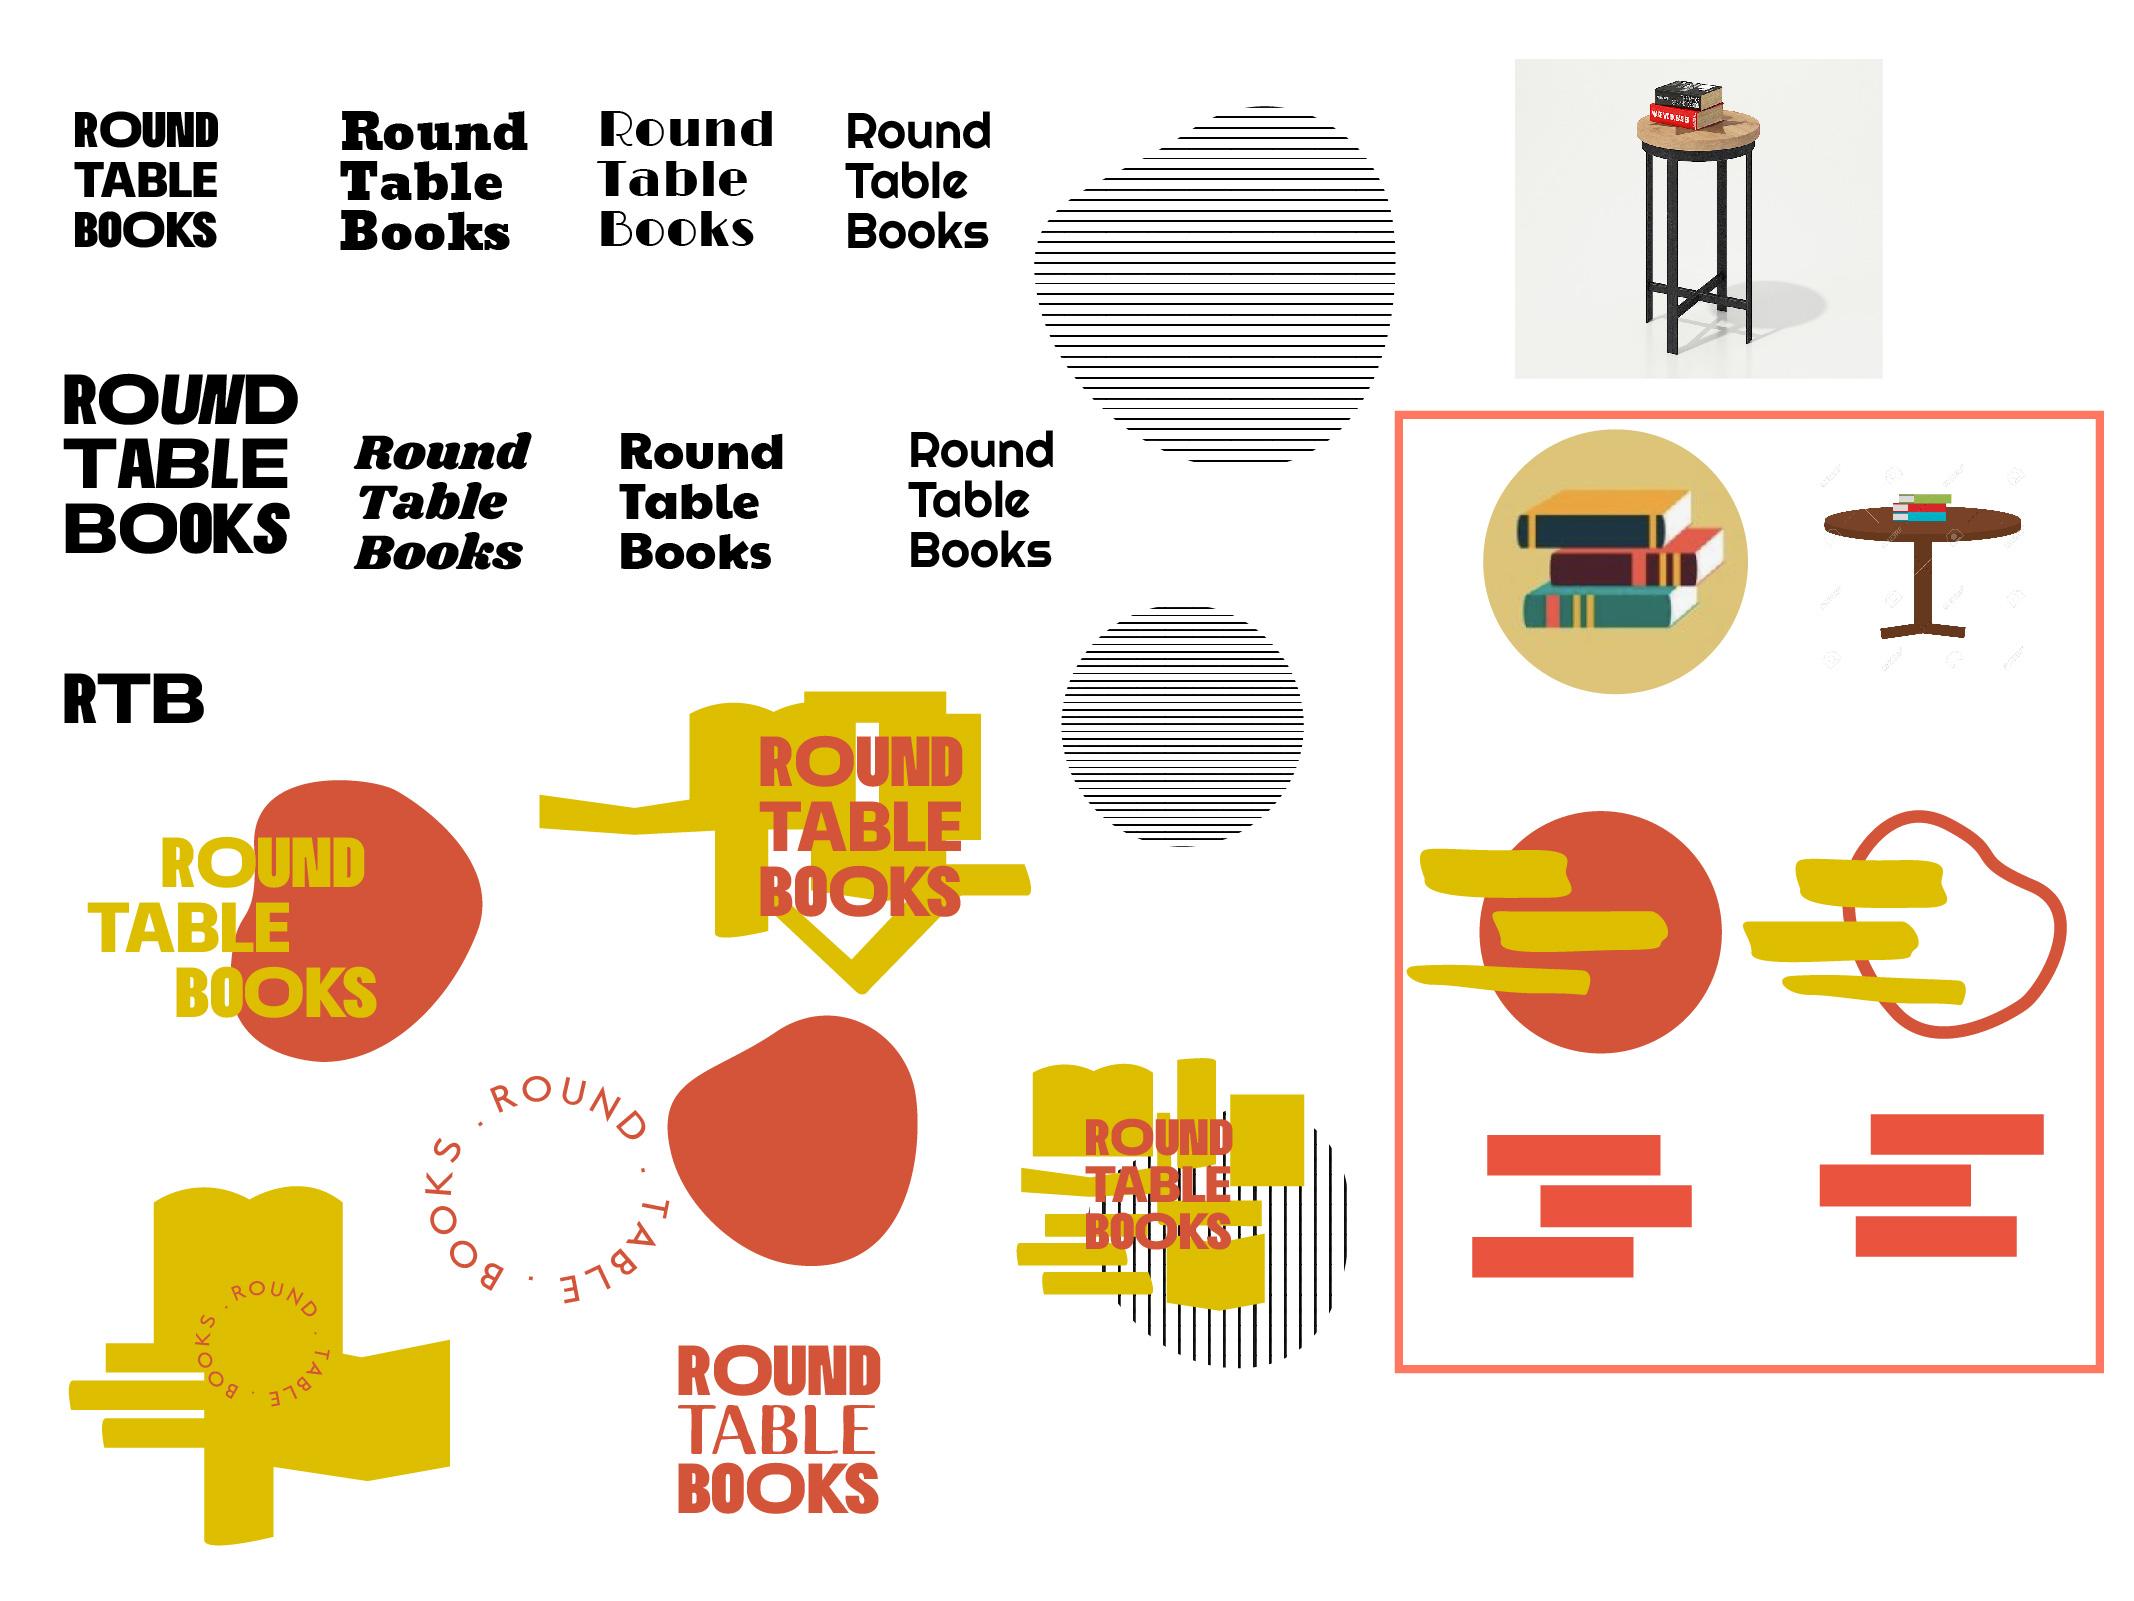 RoundTableBooks-Branding-Marssaie-Studio-09.jpg